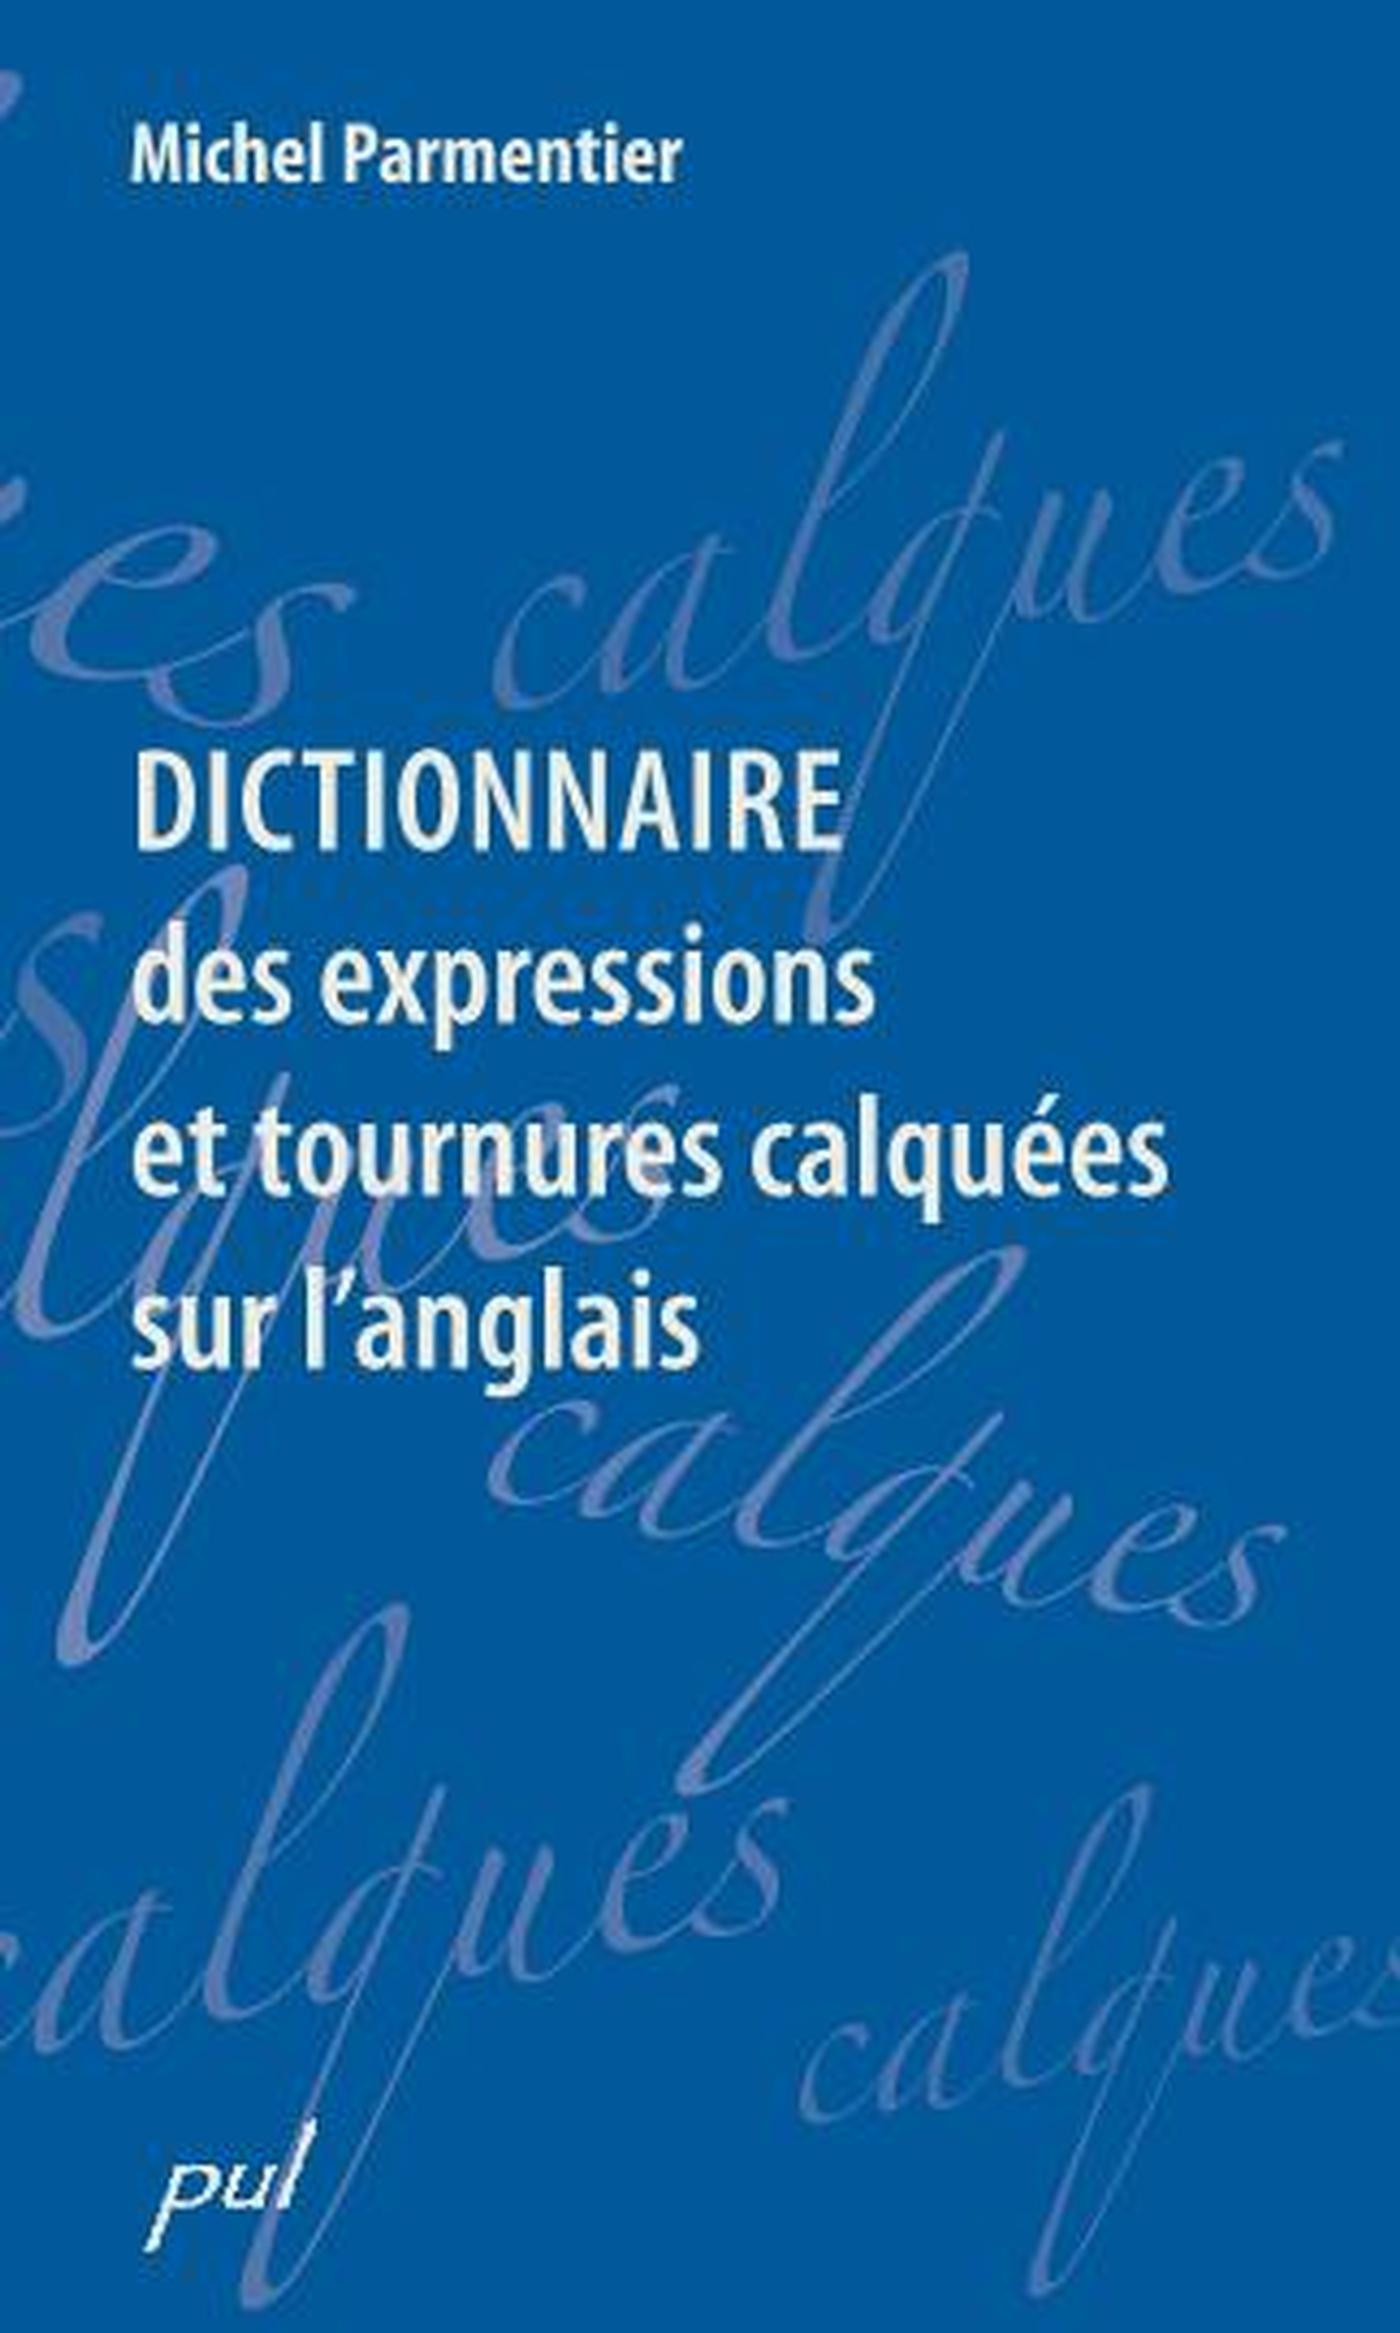 Dictionnaire des expressions et tournures calquées